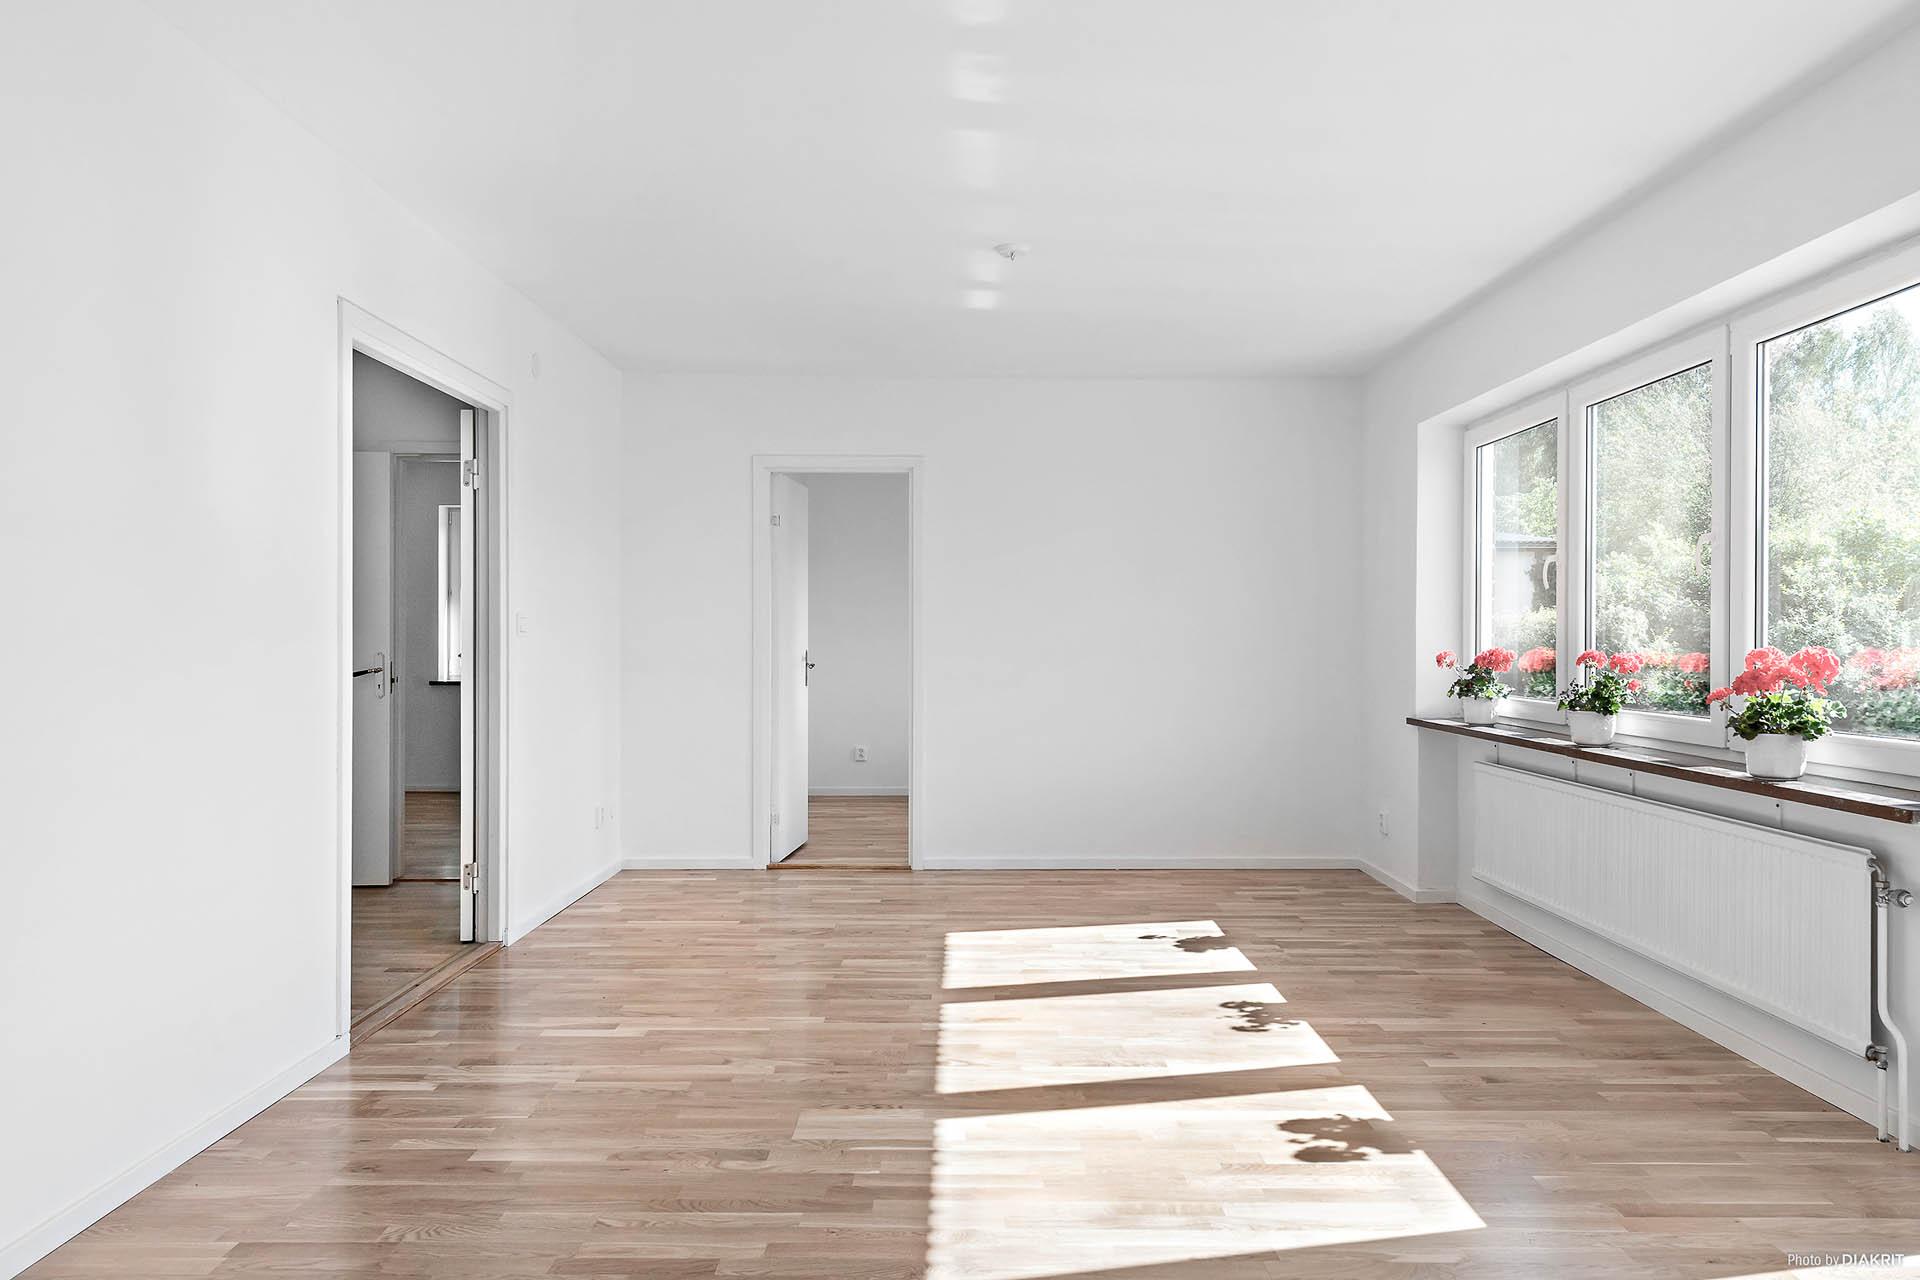 Vardagsrum i öppen anslutning till kök och matplats.